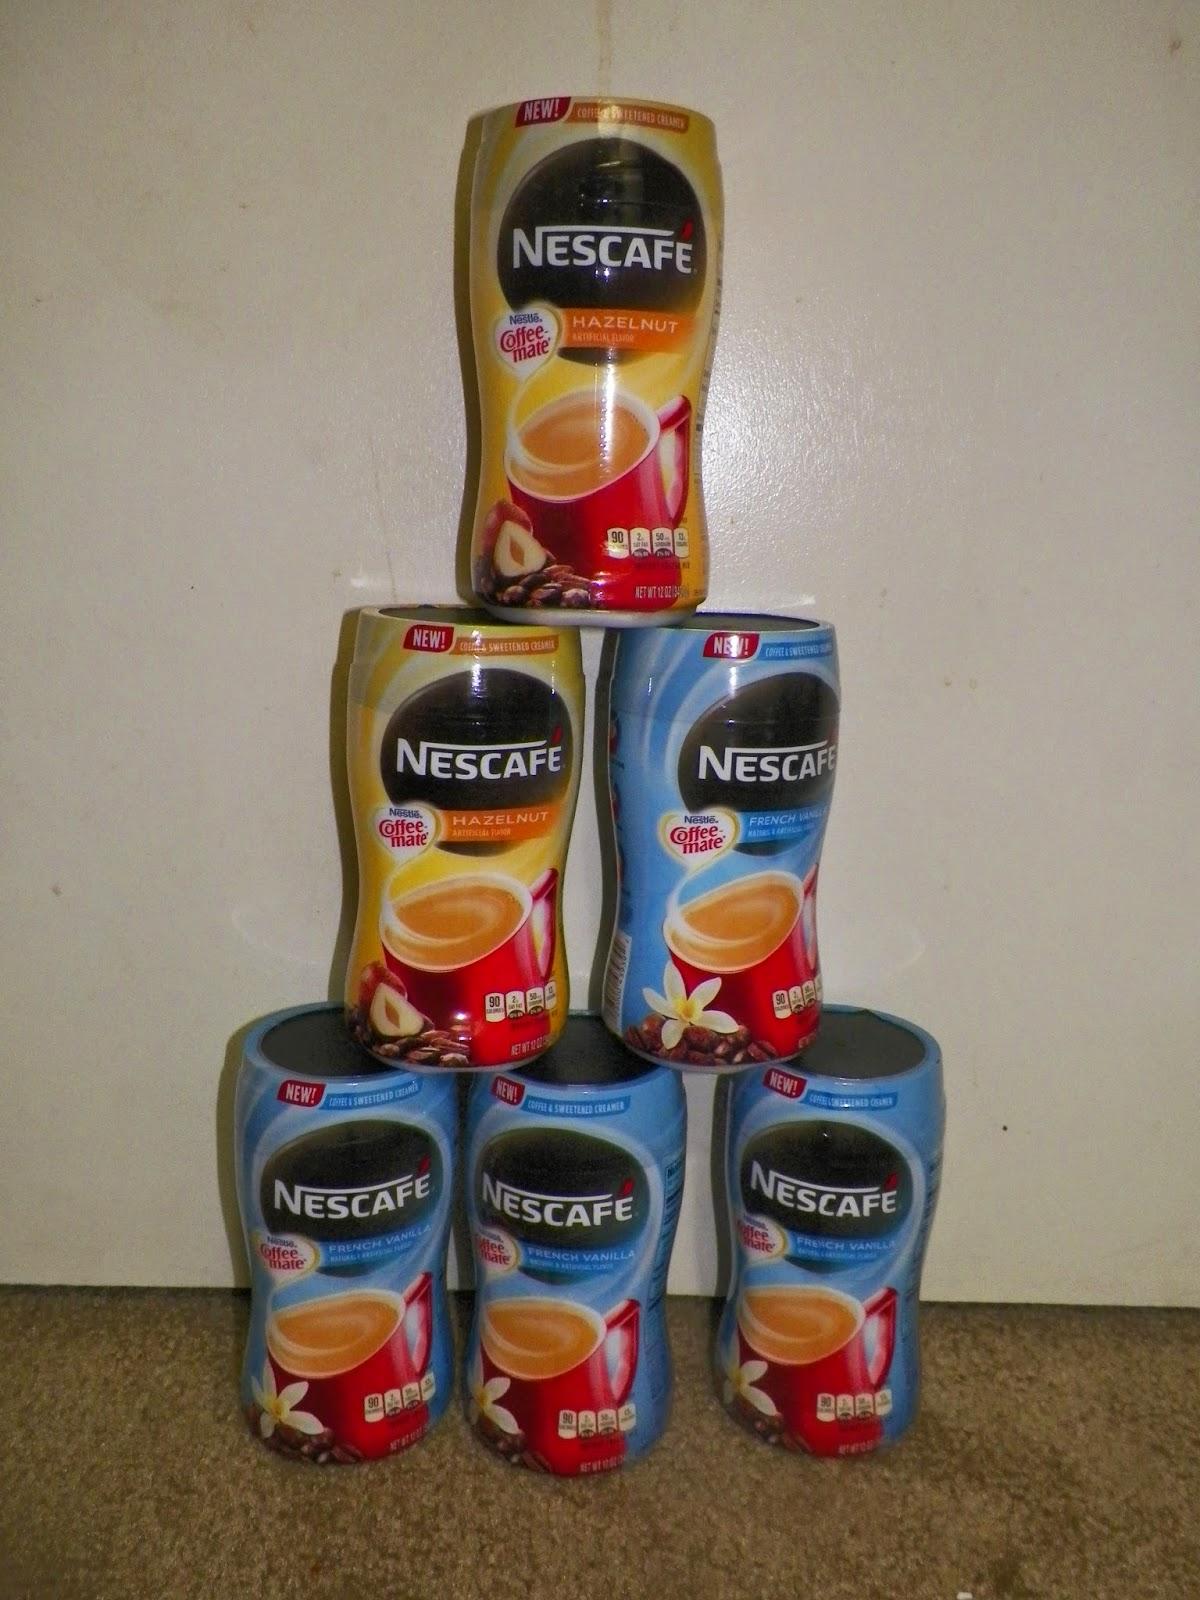 NescafePrizePackWinner.jpg